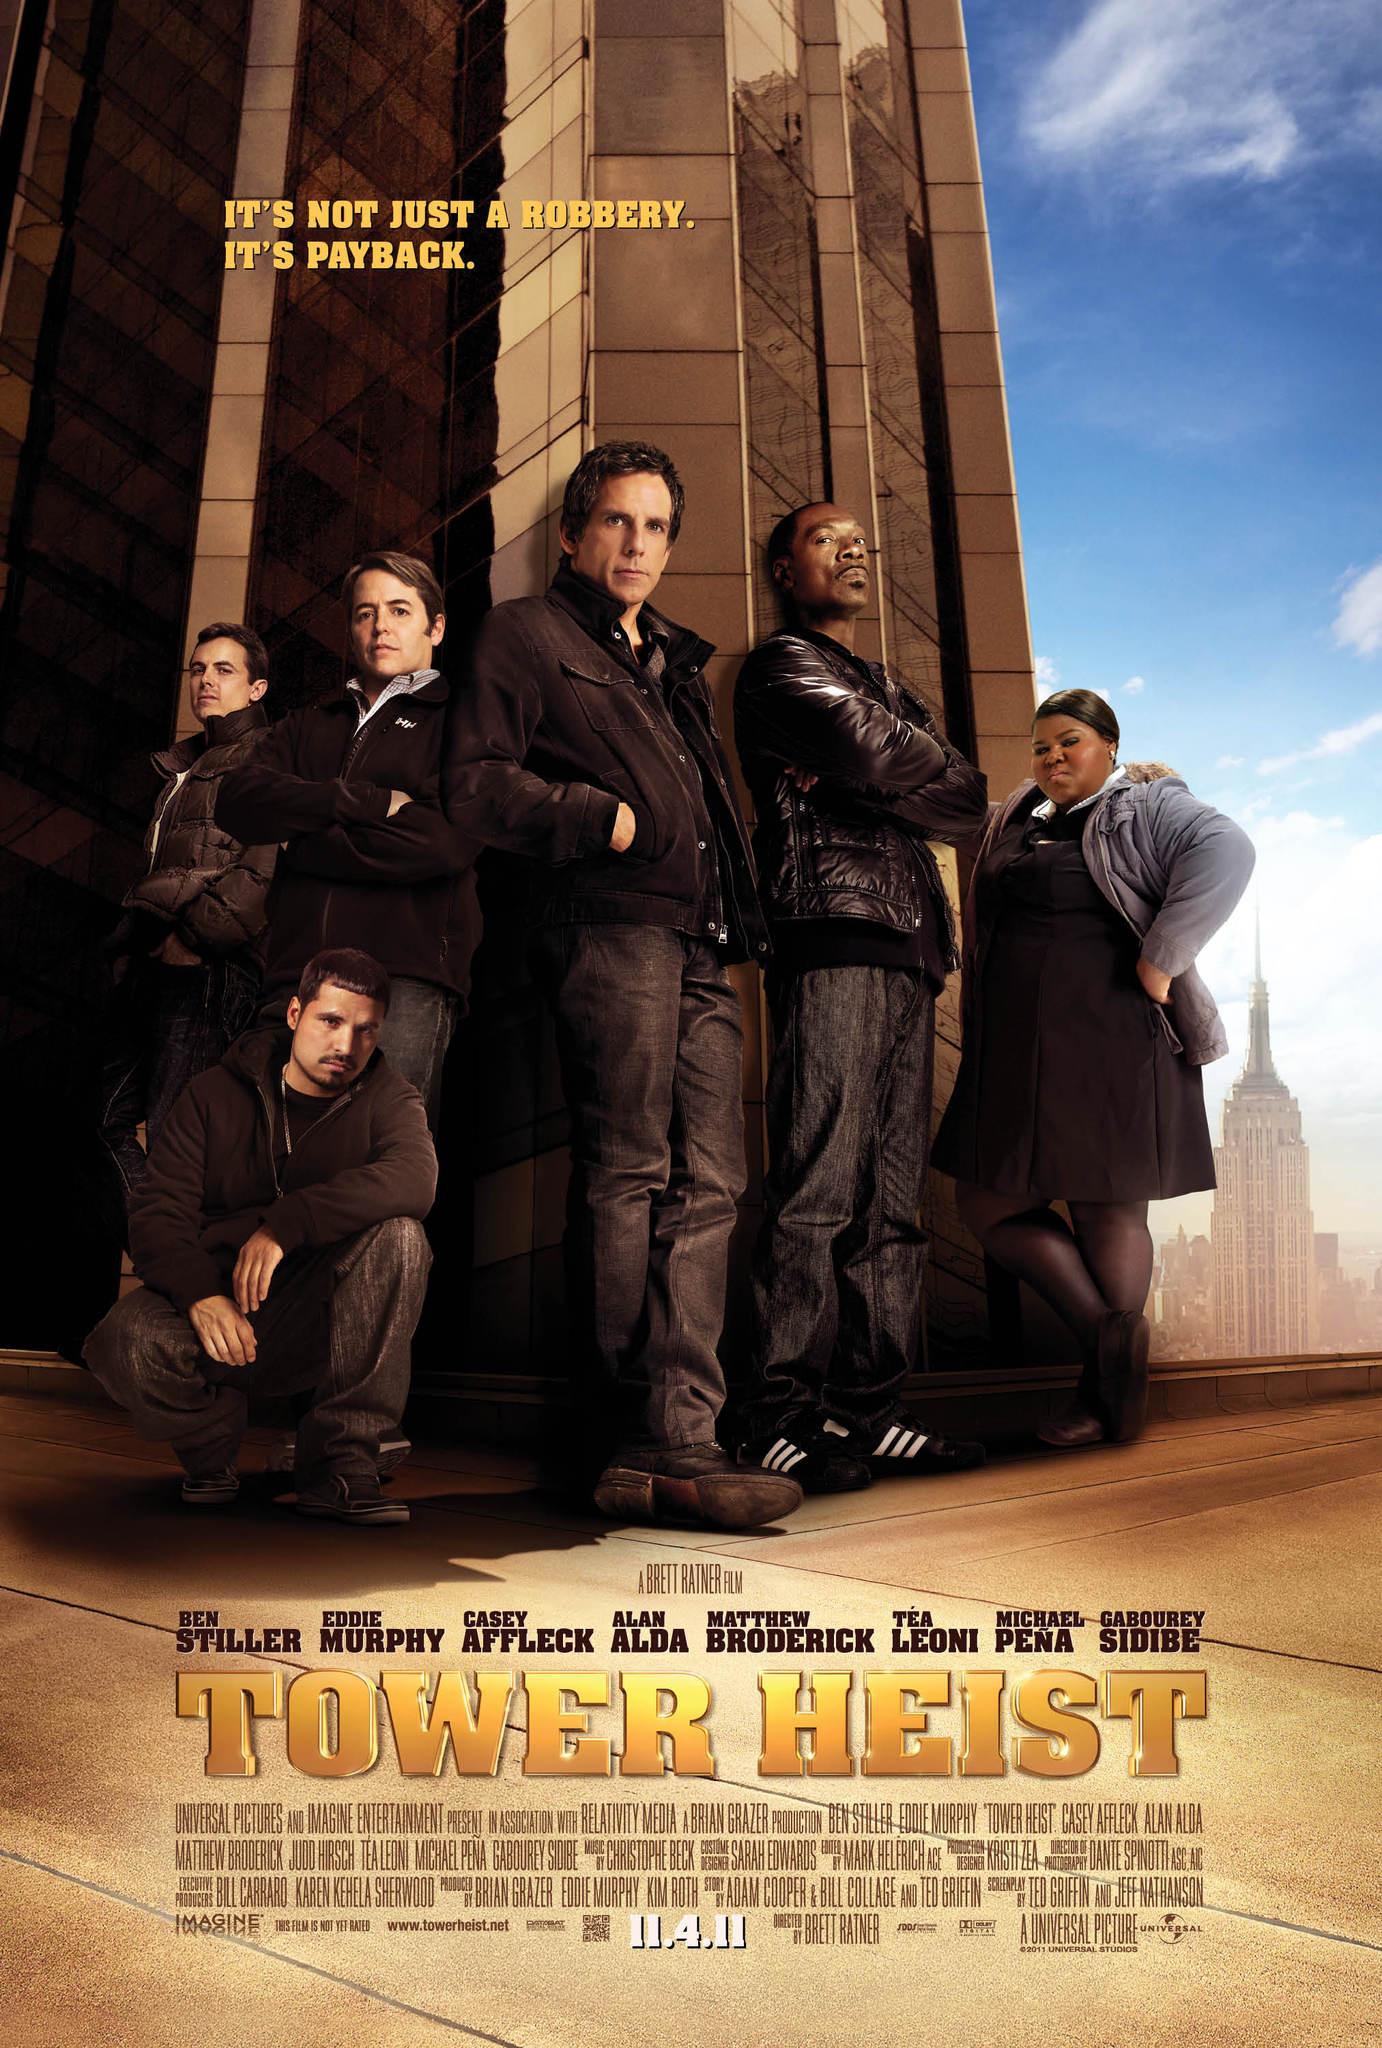 ดูหนัง Tower Heist (2011) ปล้นเสียดฟ้า บ้าเหนือเมฆ